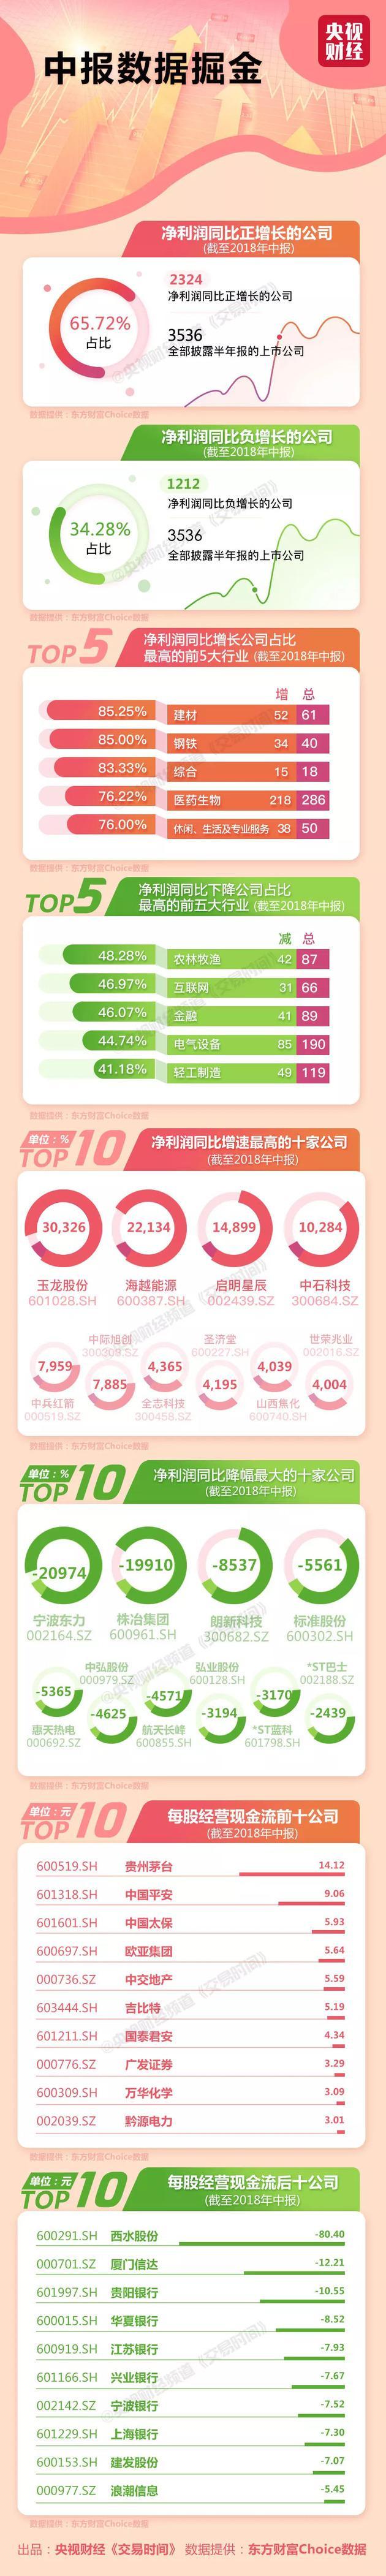 A股中报上市公司TOP10:最赚钱的是它 日赚近9亿